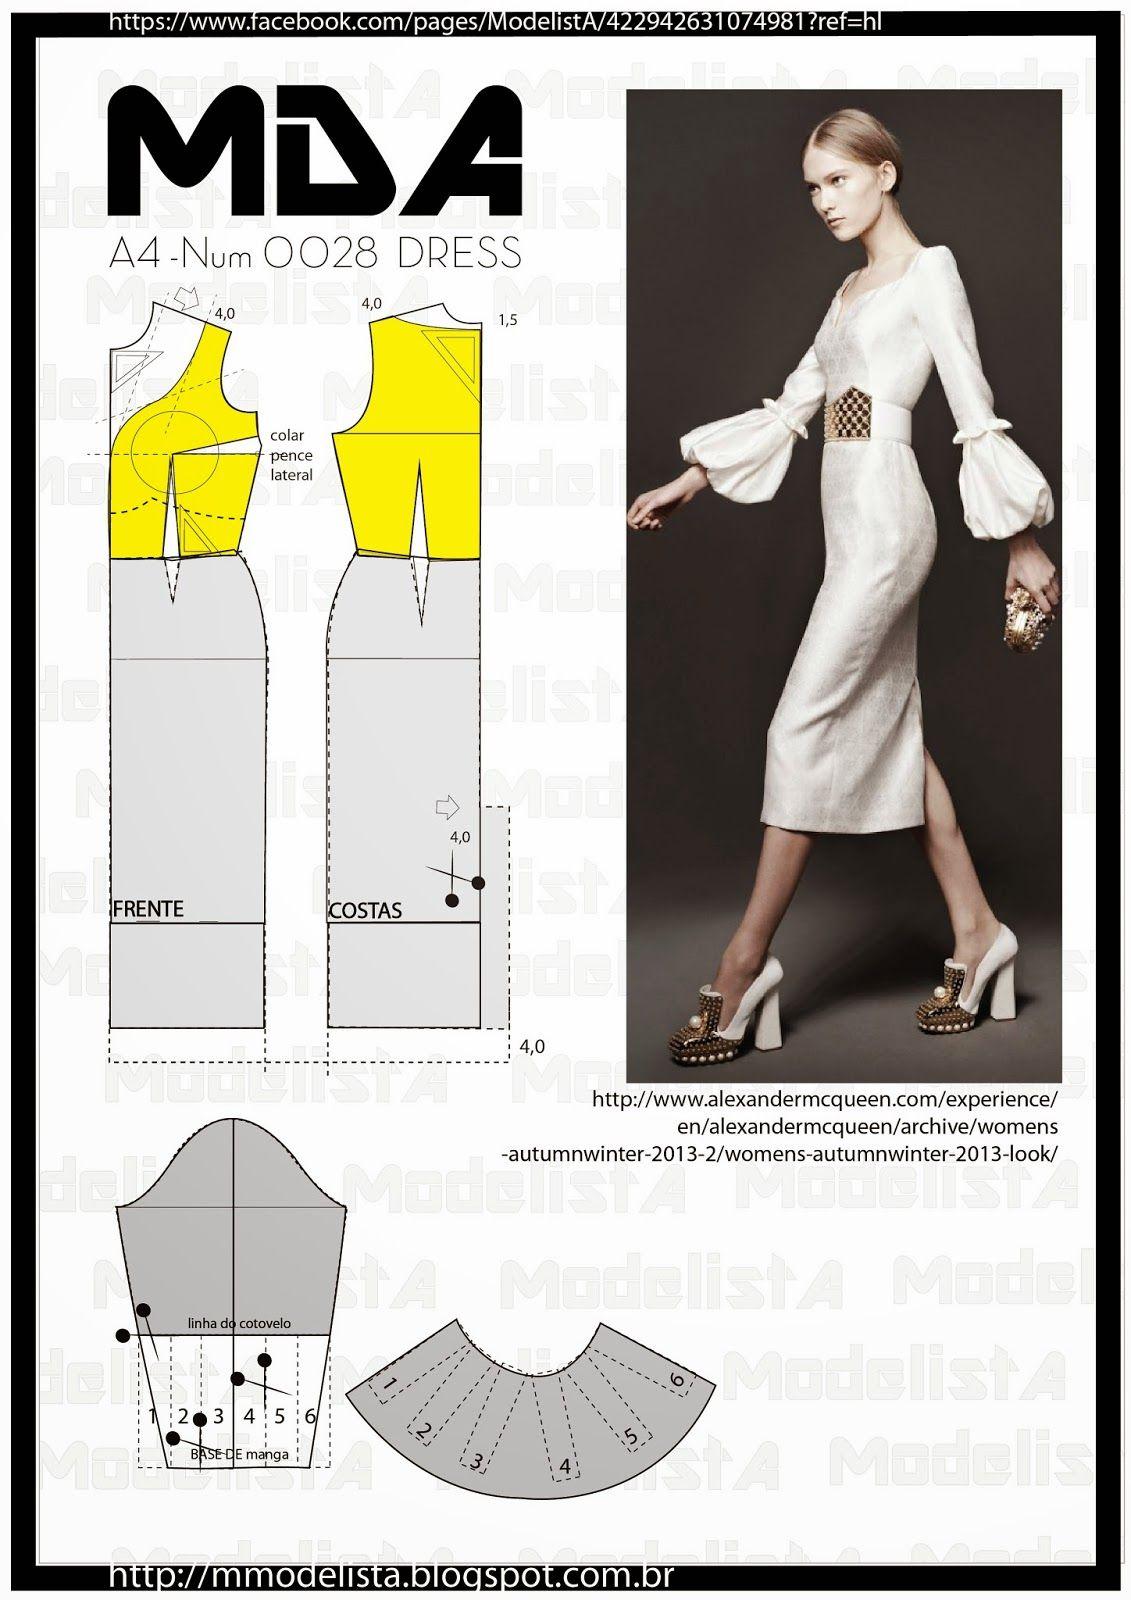 A4 NUM 0028 DRESS | Patrones, Costura y Molde